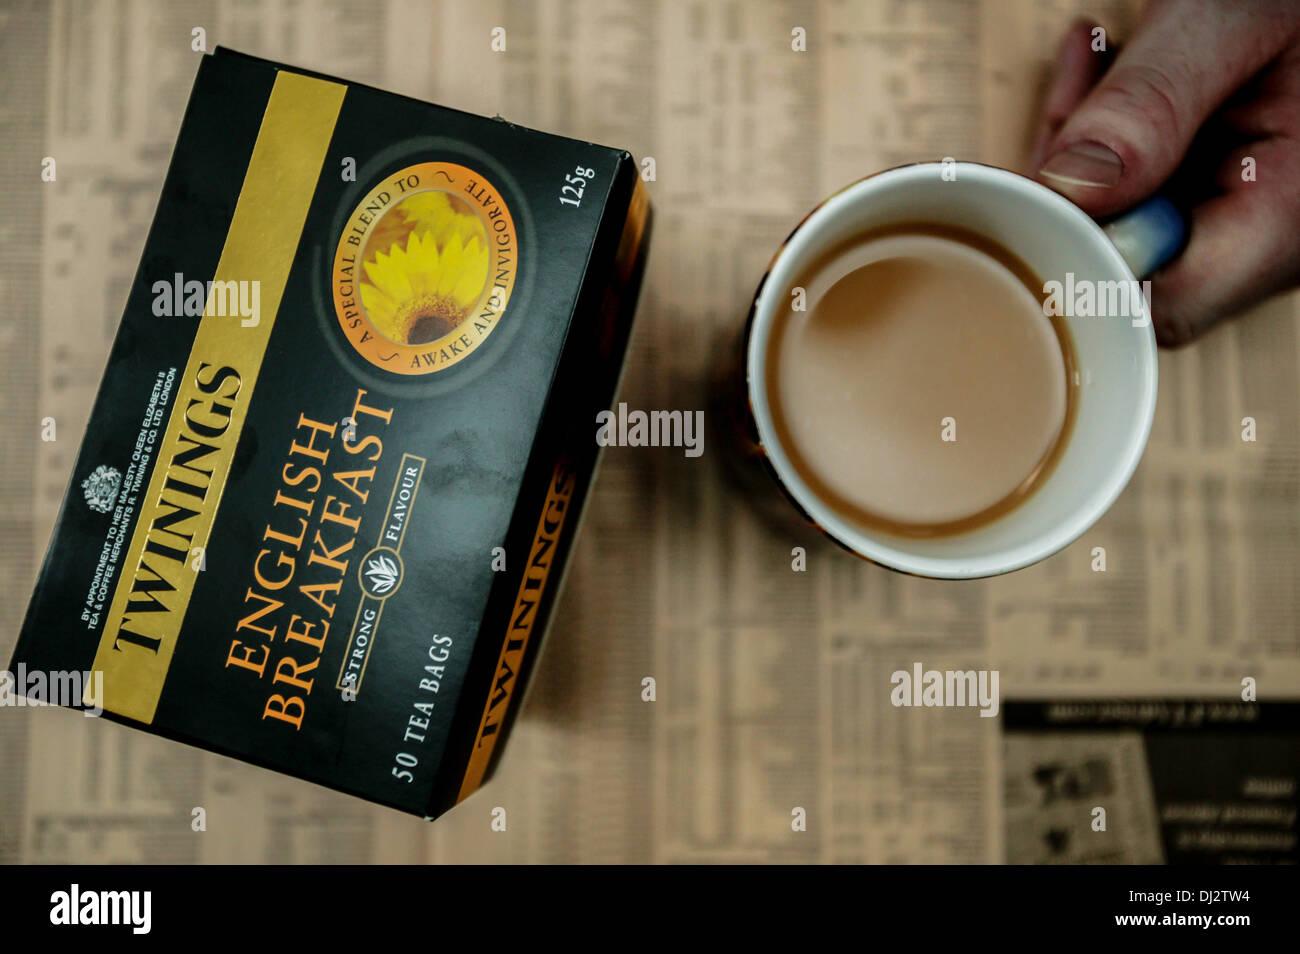 Image d'illustration de thé Twinings, un produit de l'AB. Photo Stock